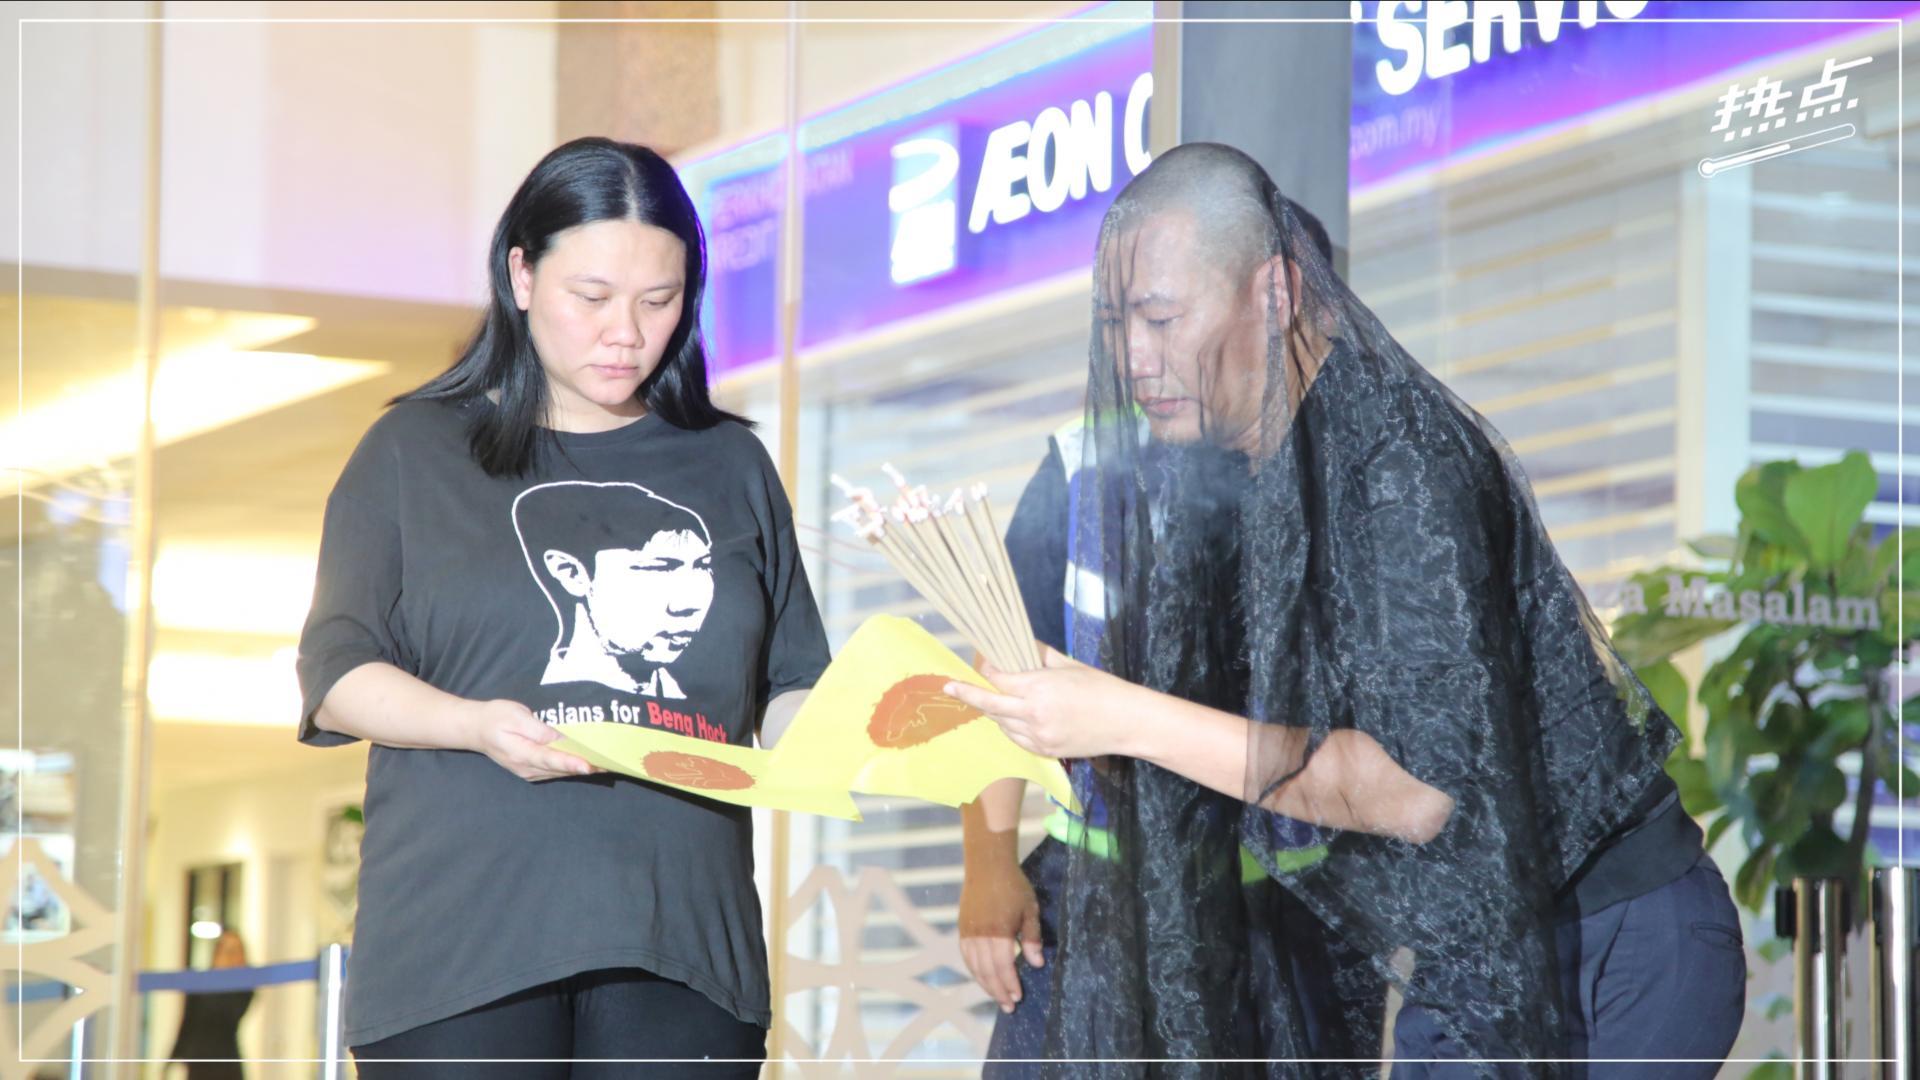 家属仍在煎熬,赵丽兰批希盟无诚意调查